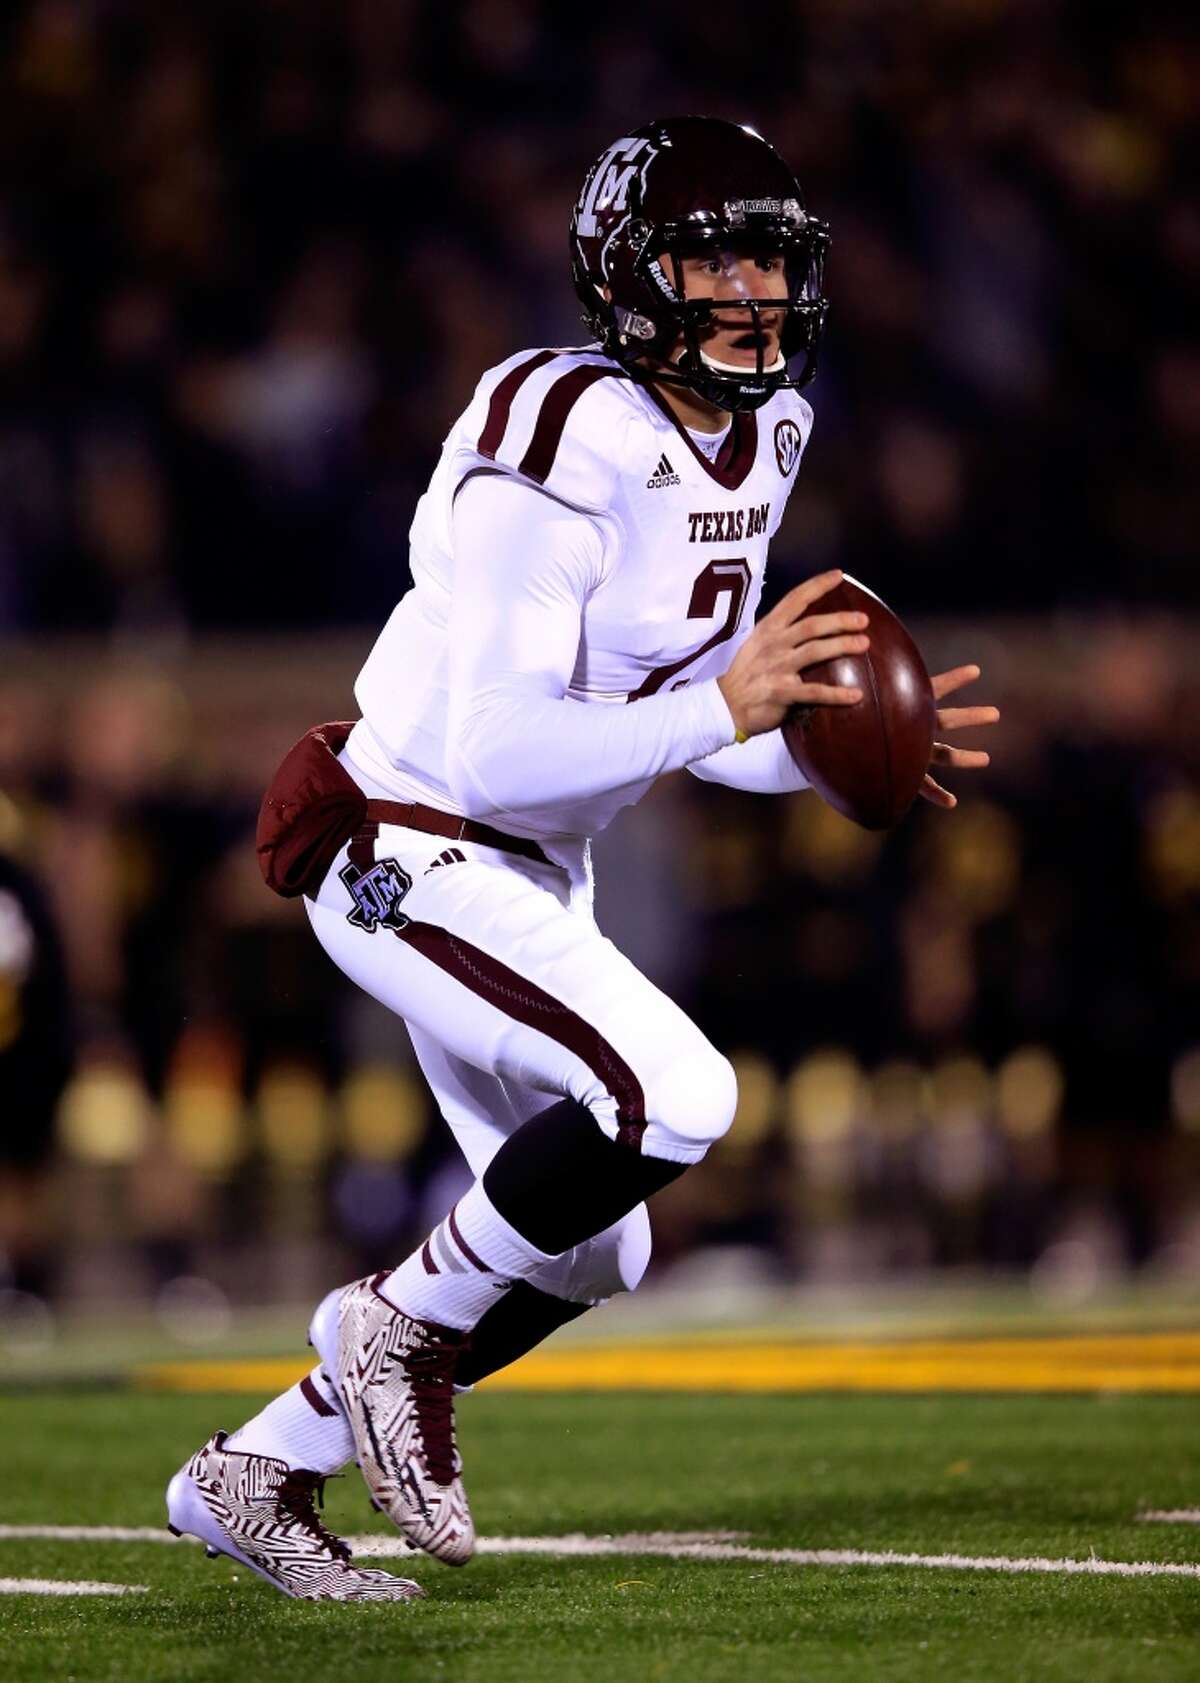 Texas A&M quarterback Johnny Manziel